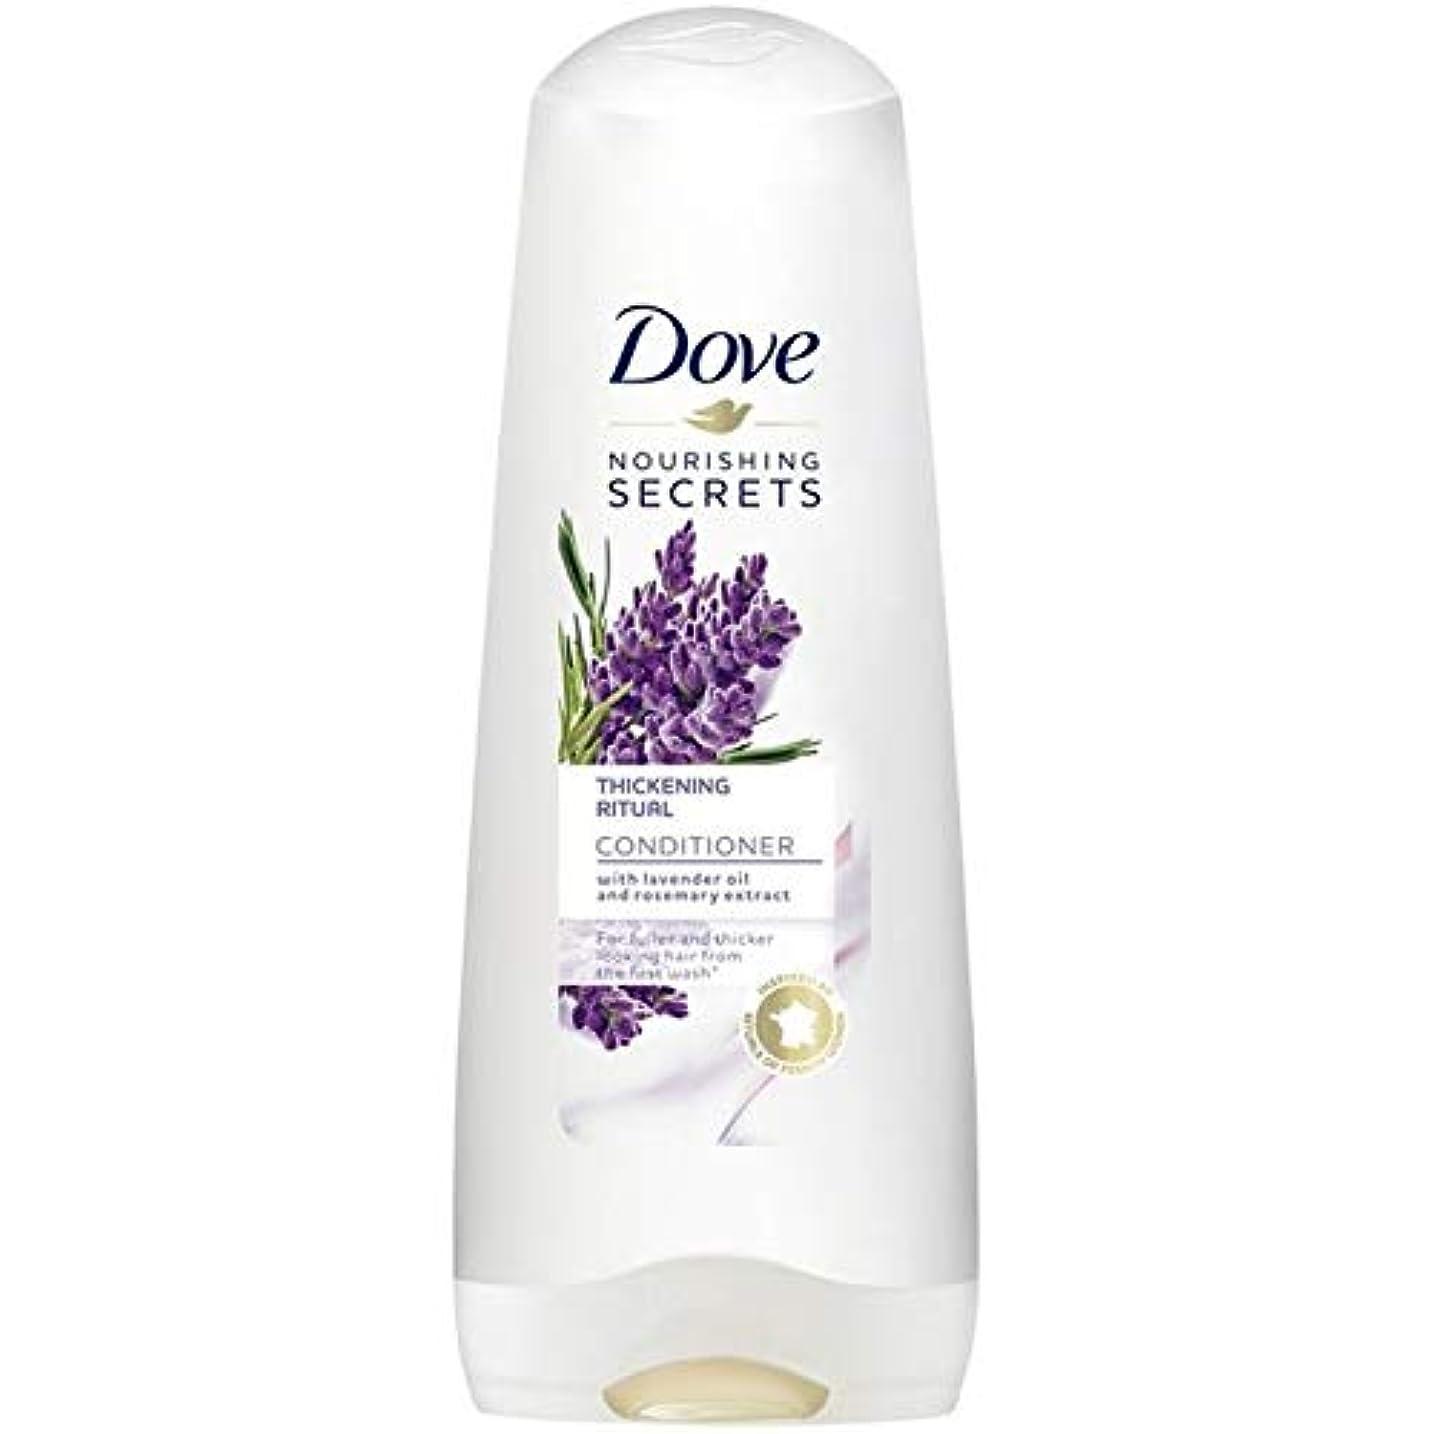 ラジエーターチャンピオン認める[Dove ] 儀式コンディショナー350ミリリットルを厚く鳩栄養の秘密 - Dove Nourishing Secrets Thickening Ritual Conditioner 350ml [並行輸入品]